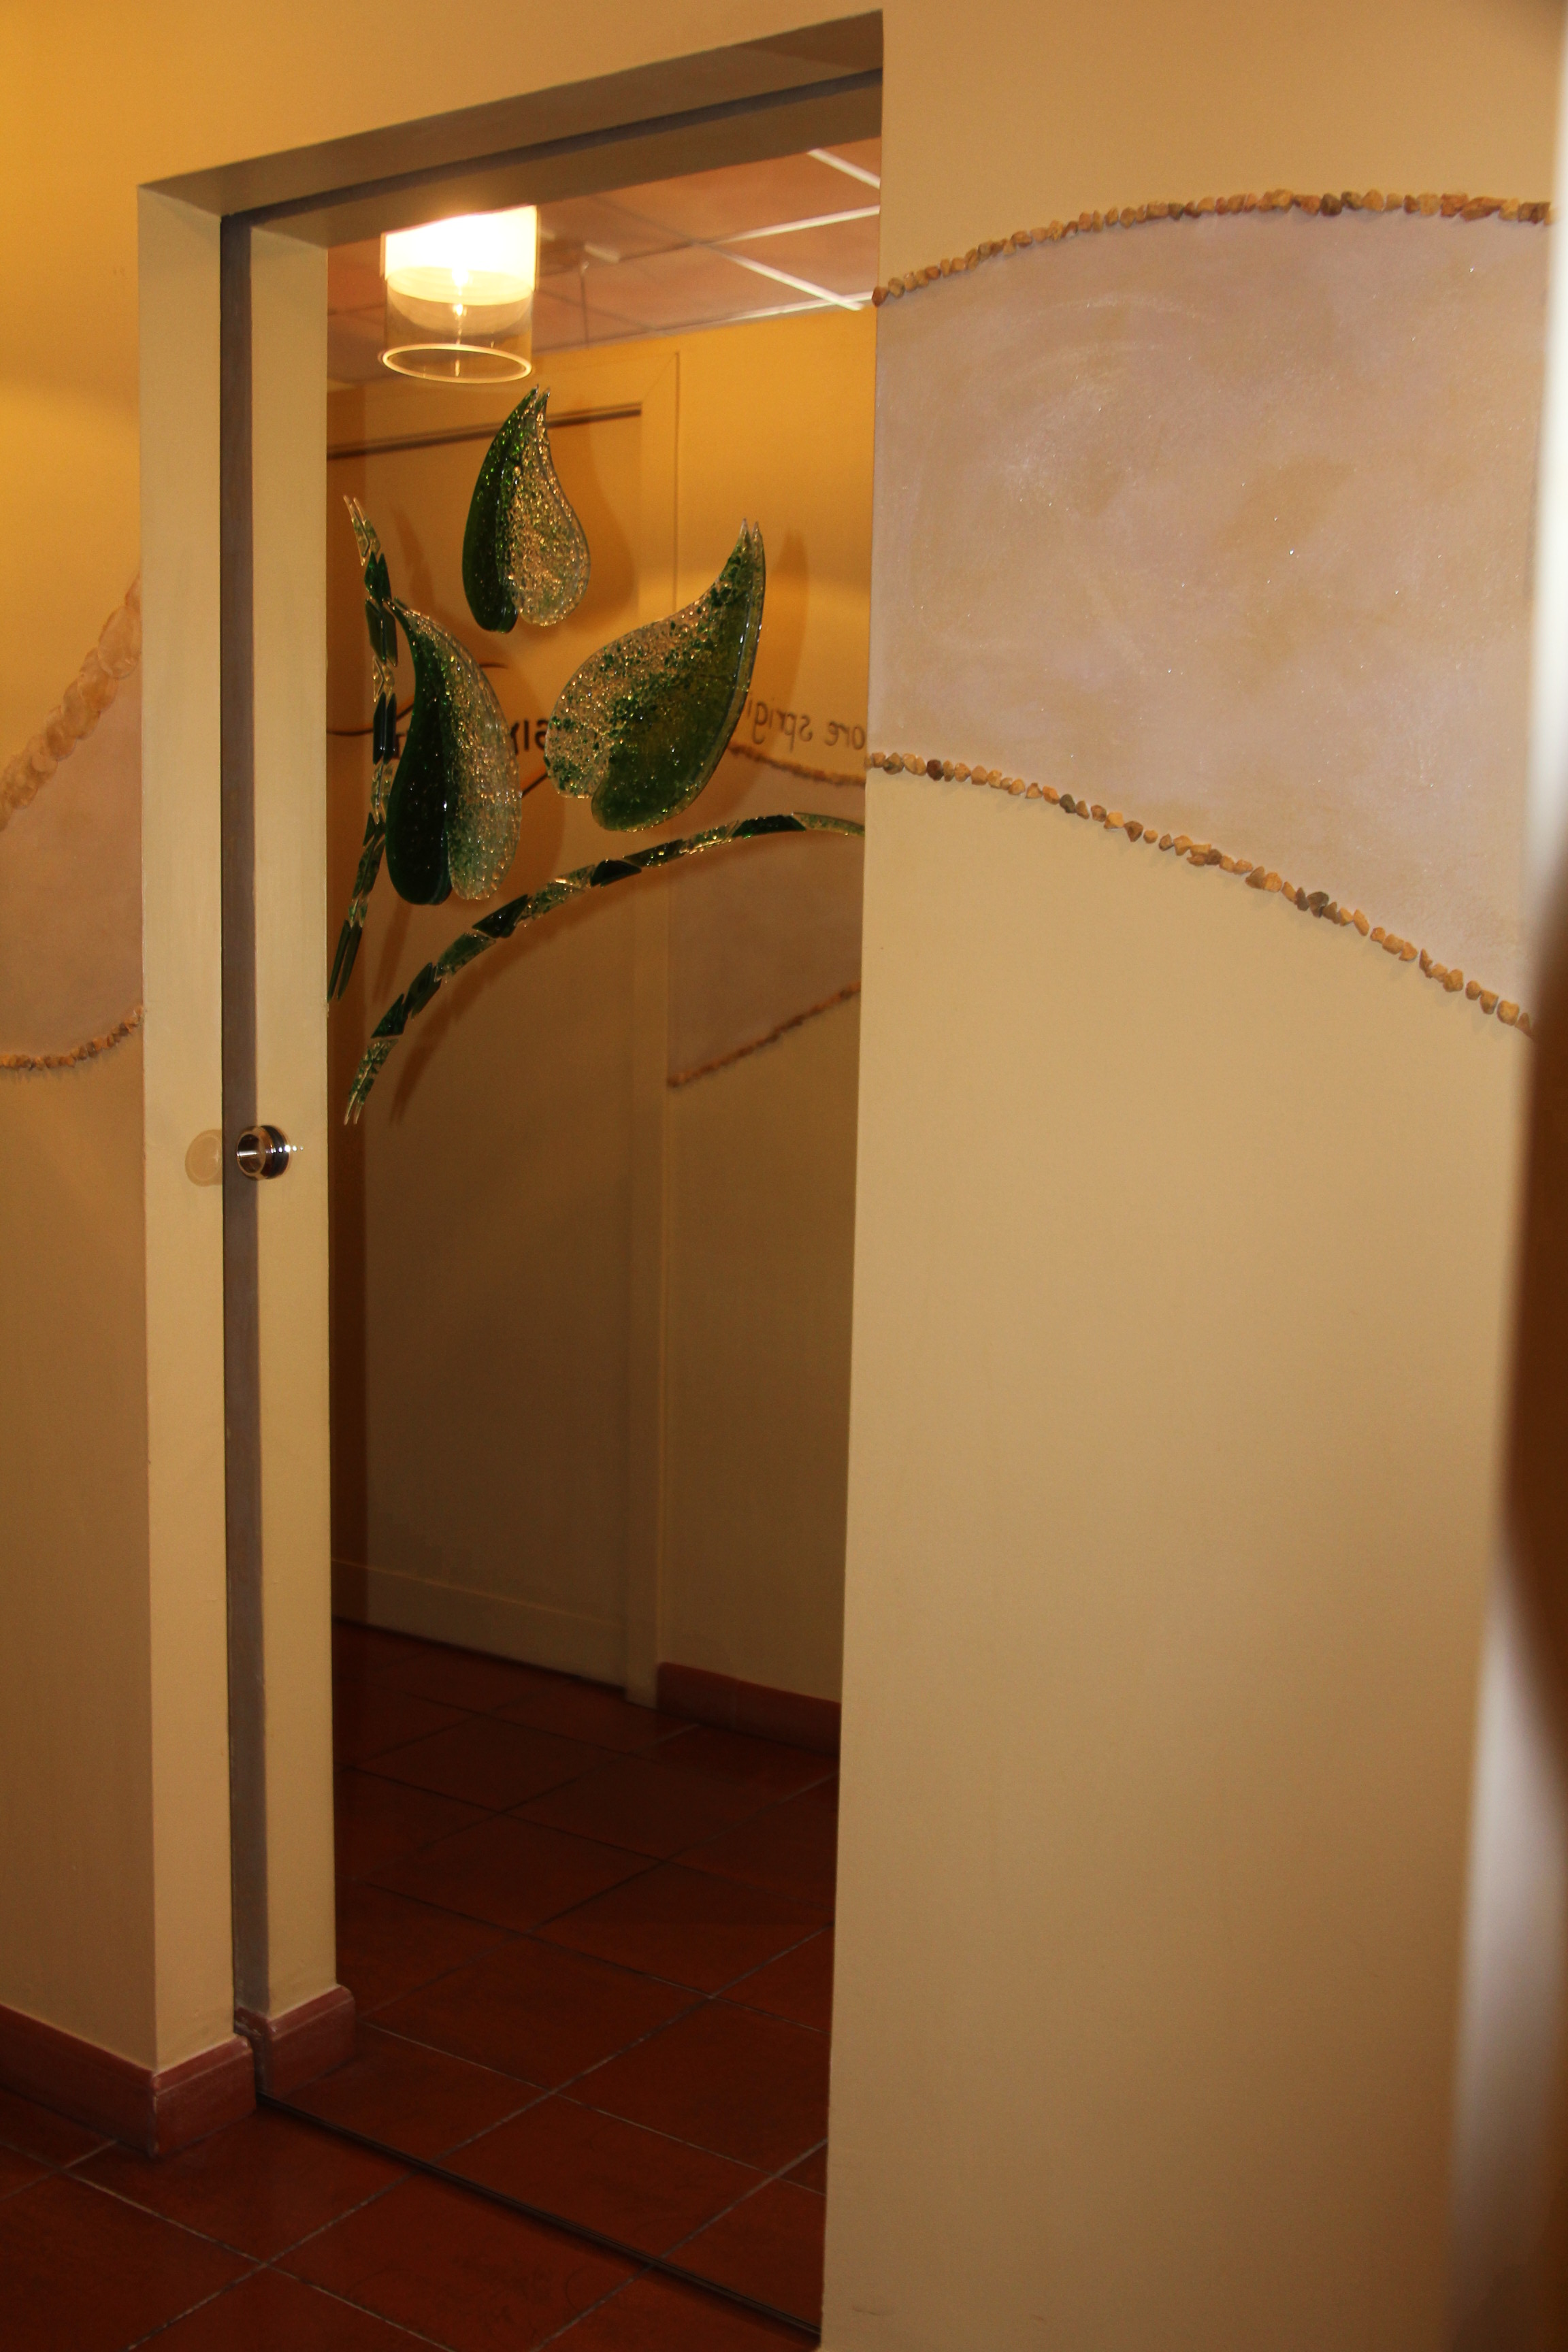 Porta specchio 10 mm temp scorrevole pomolo nicchia minima a scorrere decoro foglie - Vetri a specchio per finestre ...